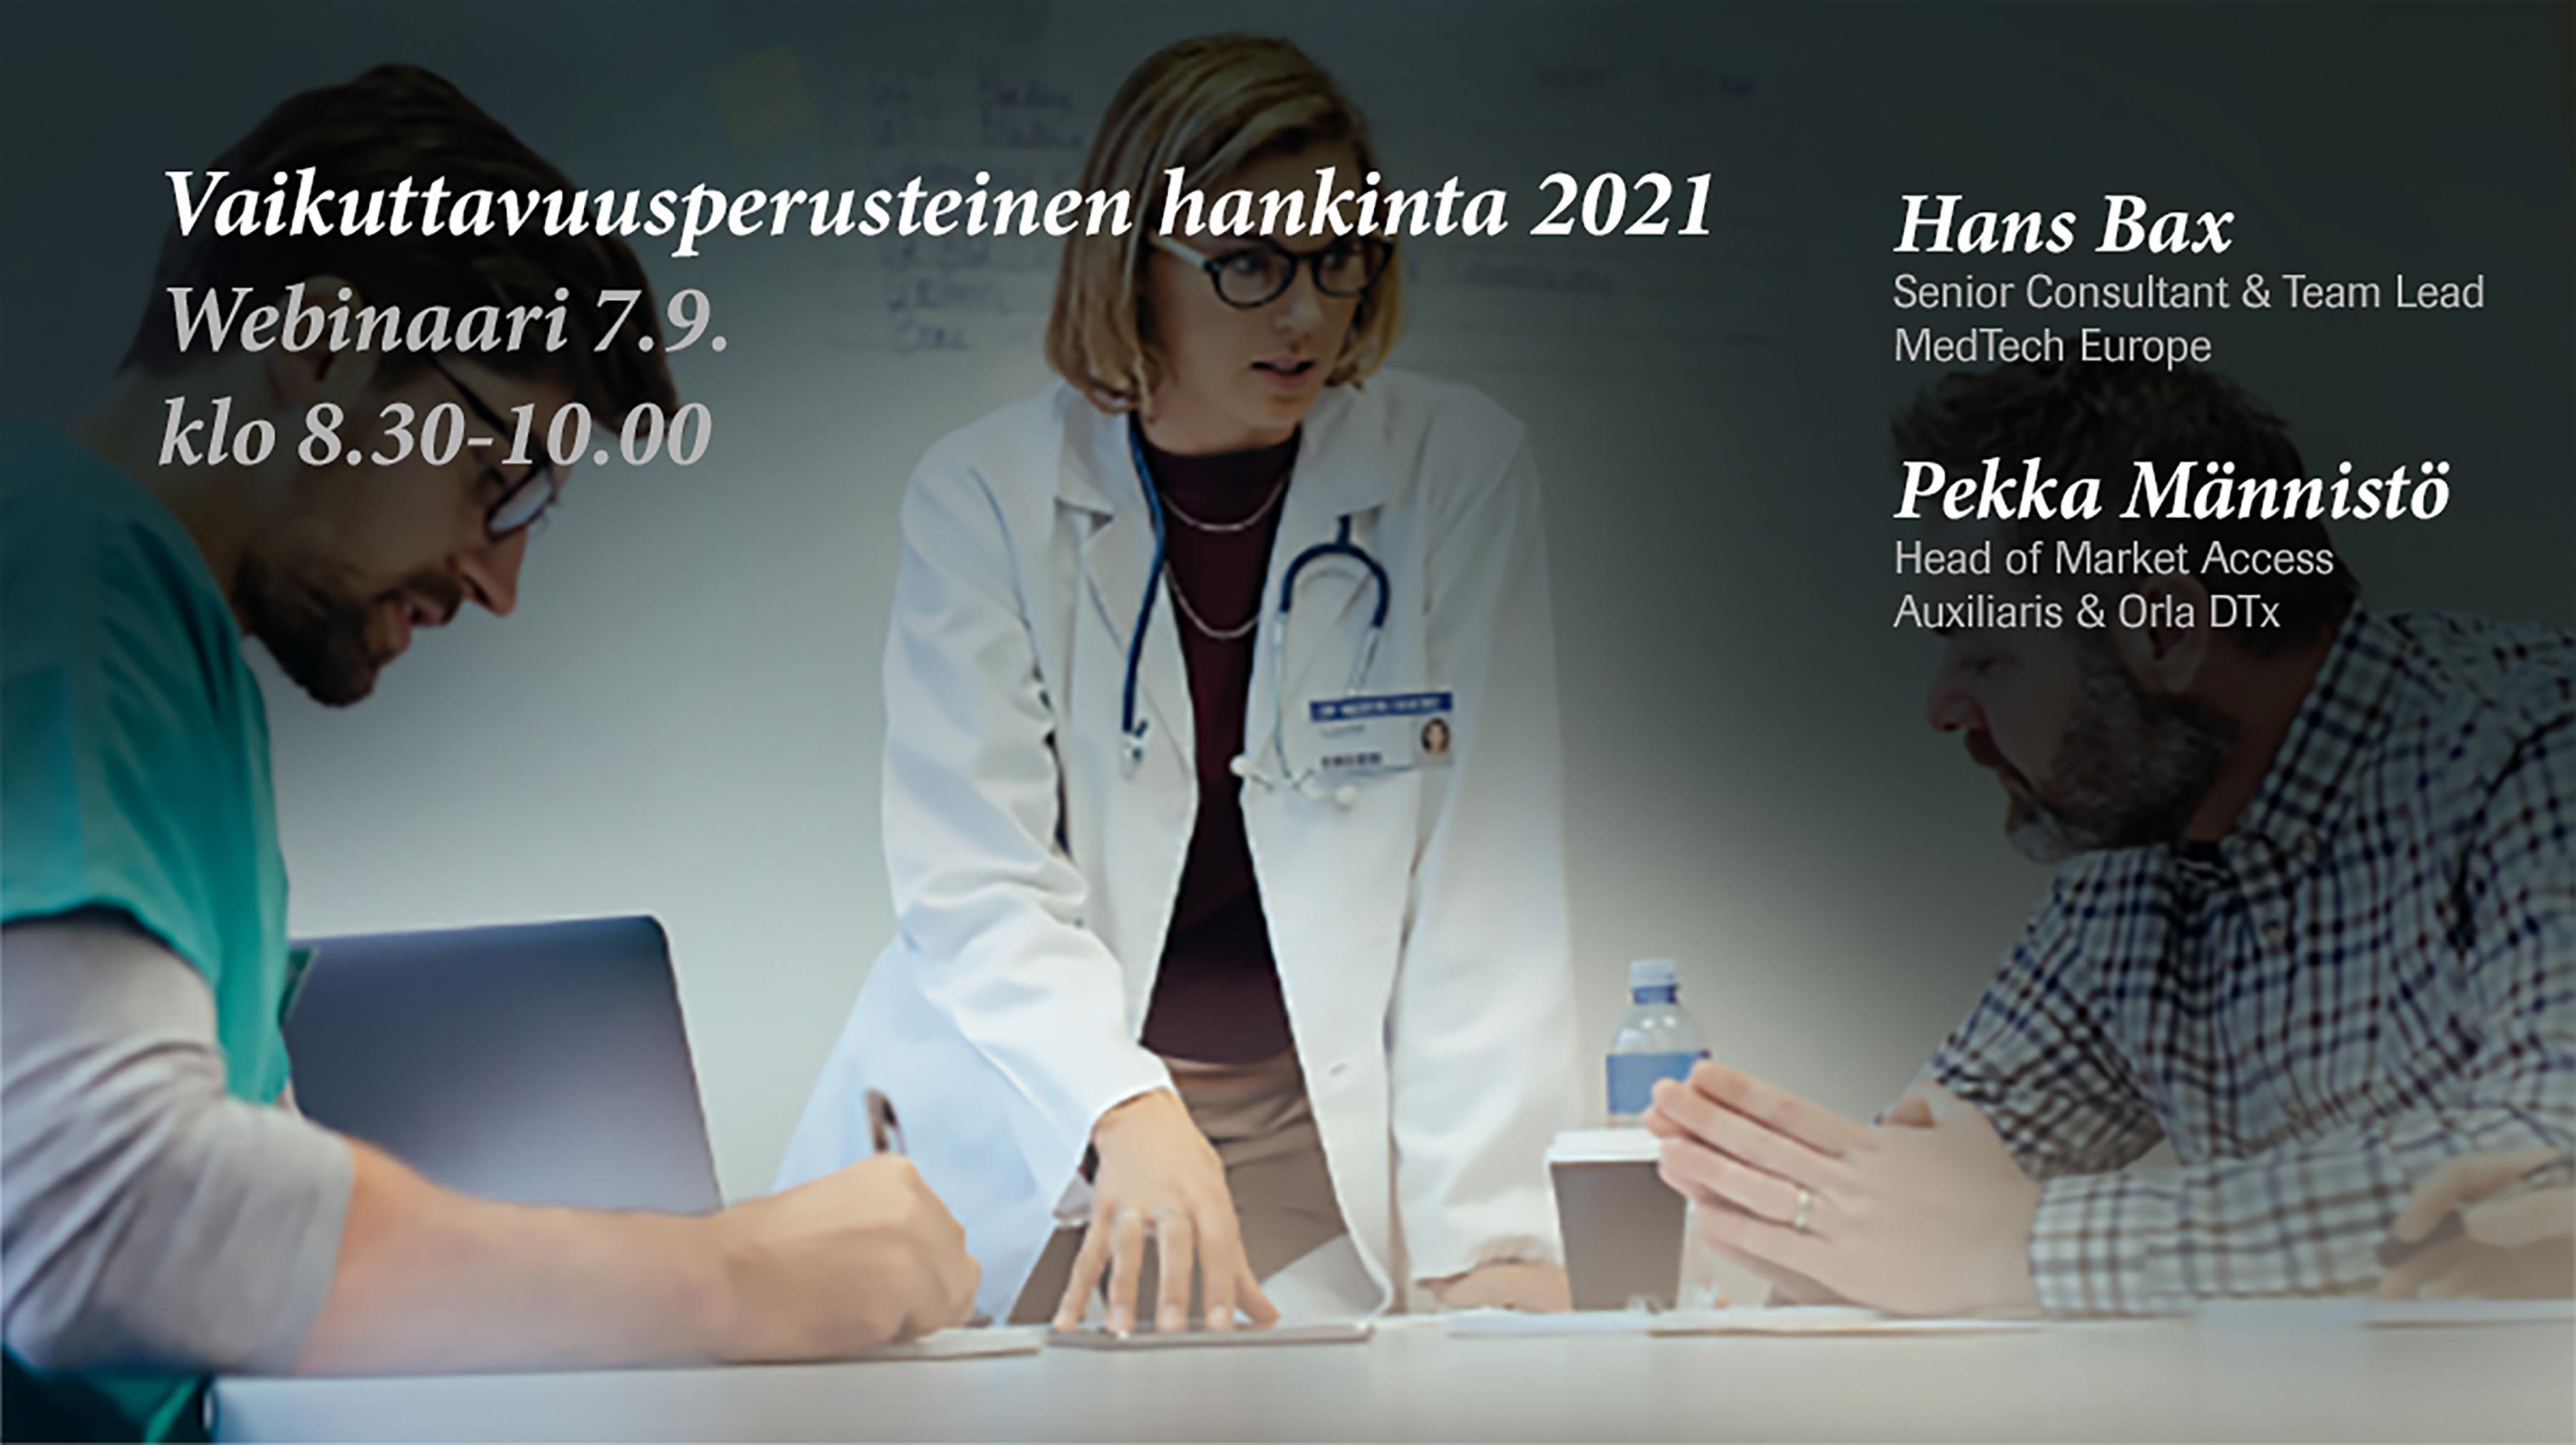 Vaikuttavuusperusteinen hankinta 2021